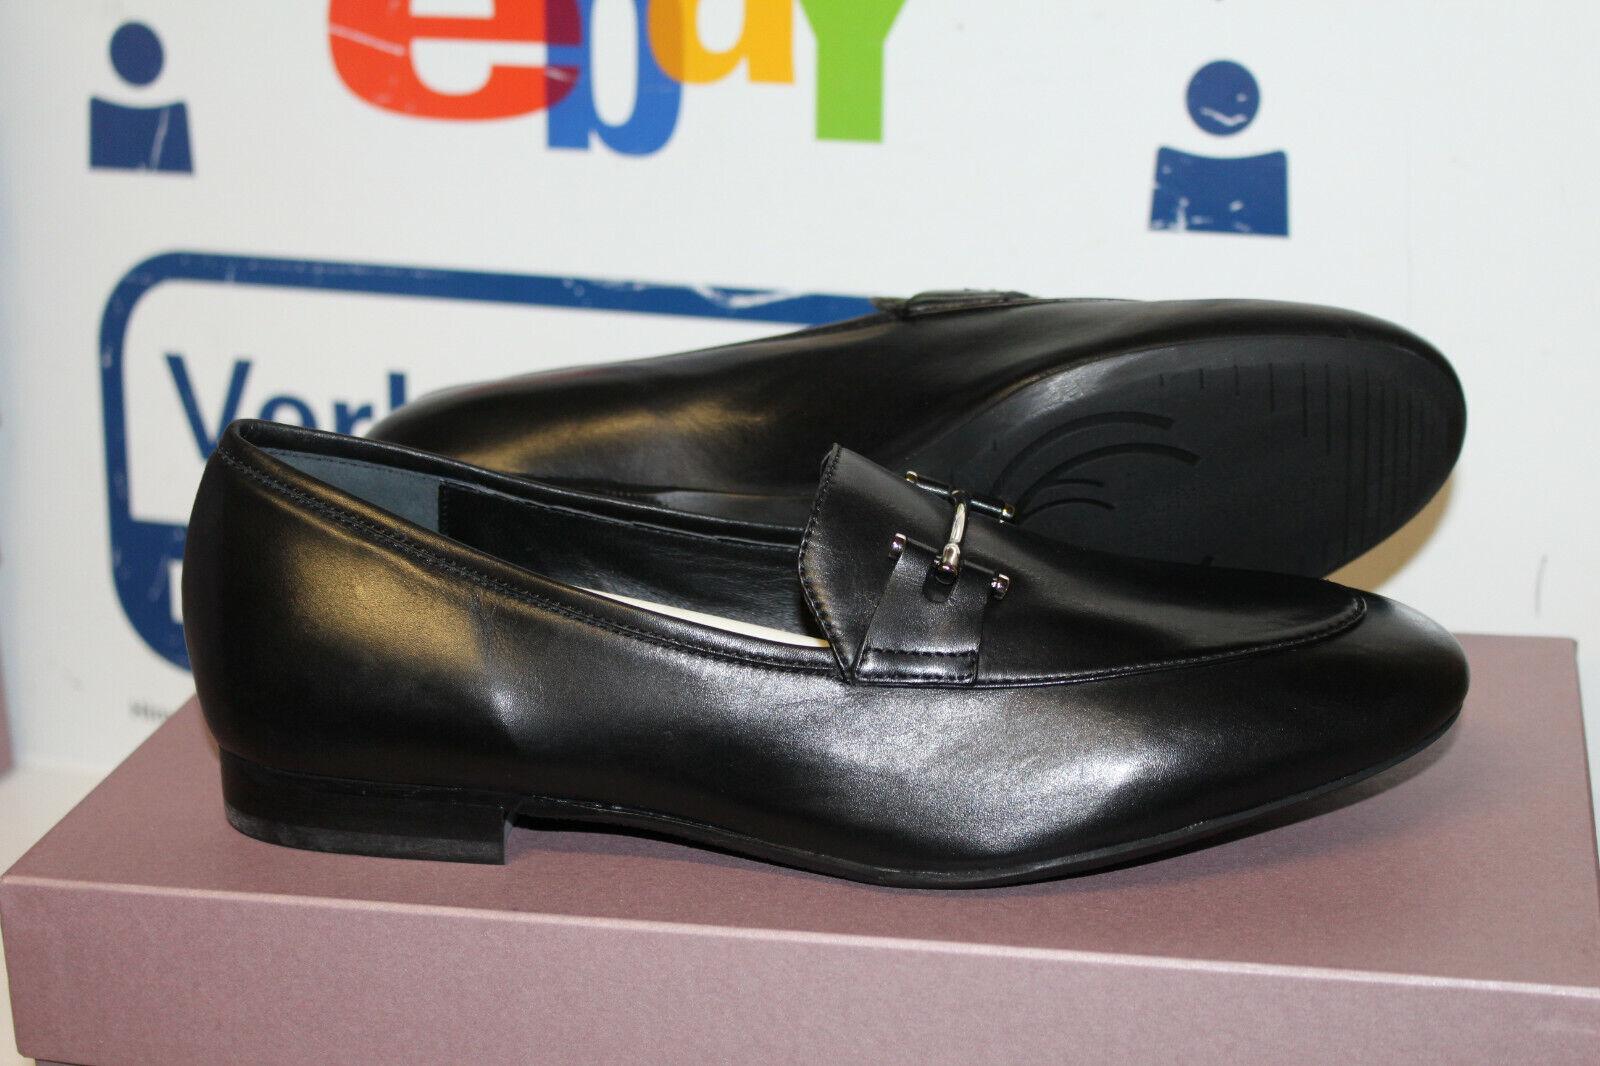 damen Carolina Damen Slipper-Schuhe 33.135.158.001 Schwarz Gr 38,5 Neu